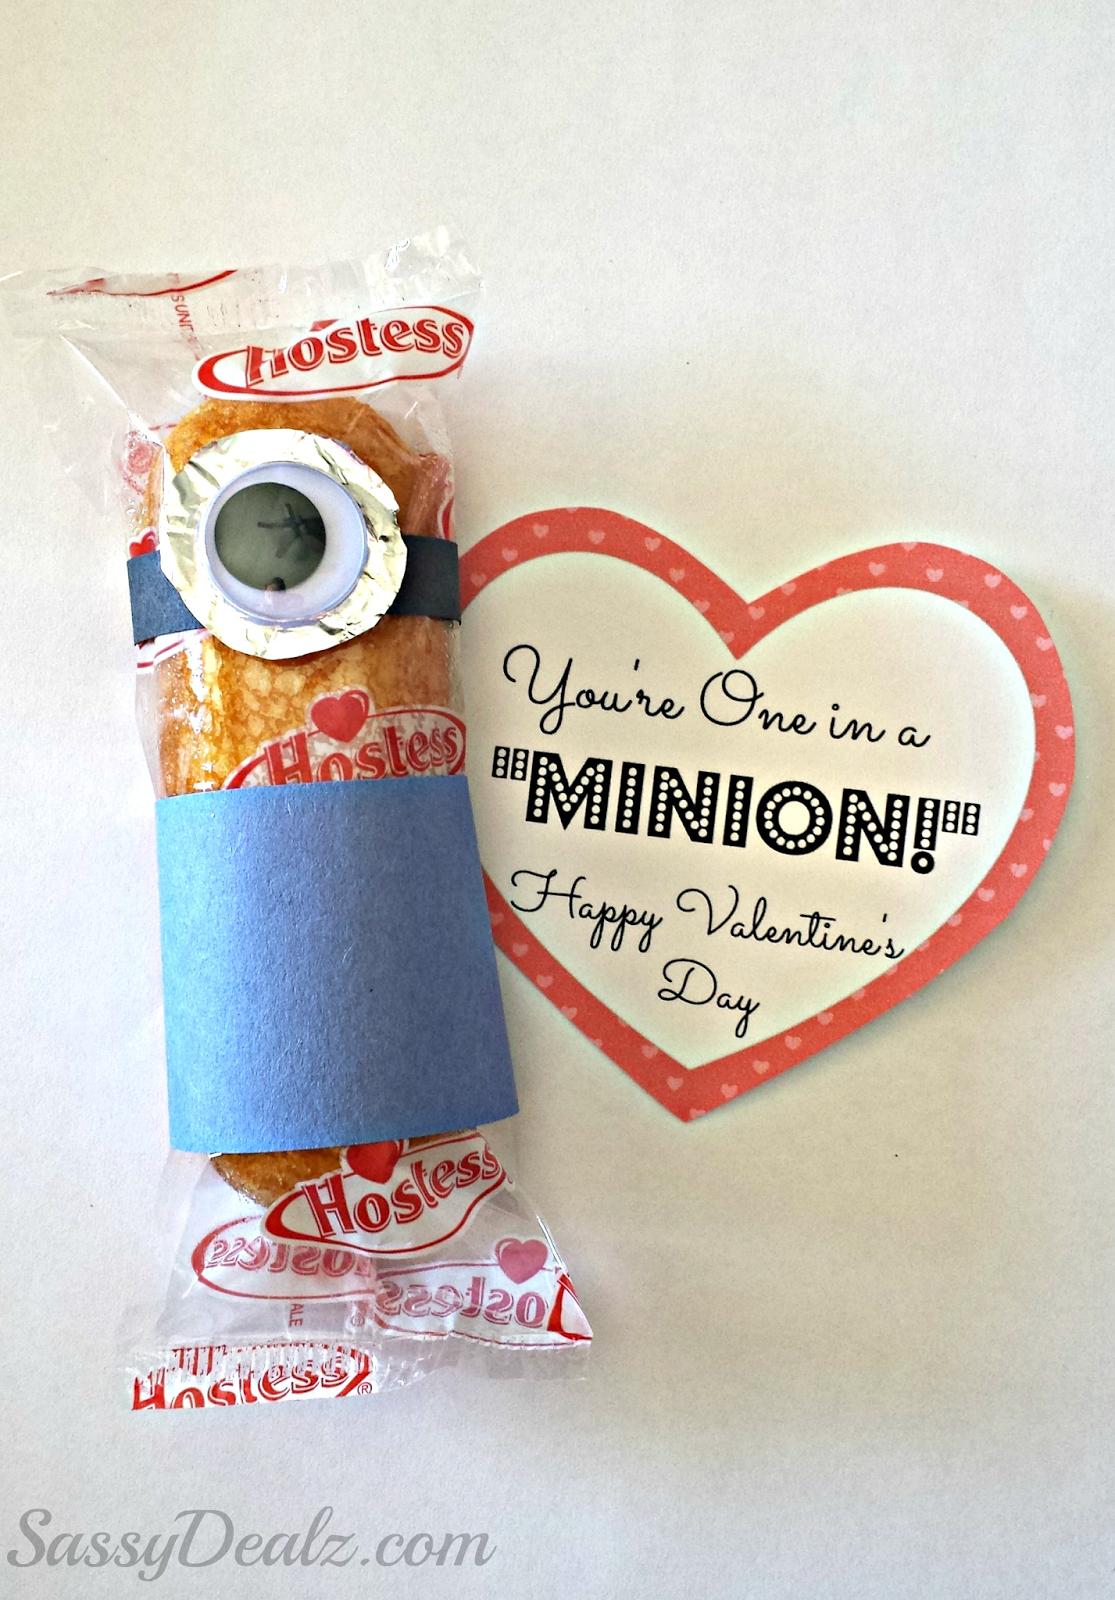 minion-valentine-twinkie